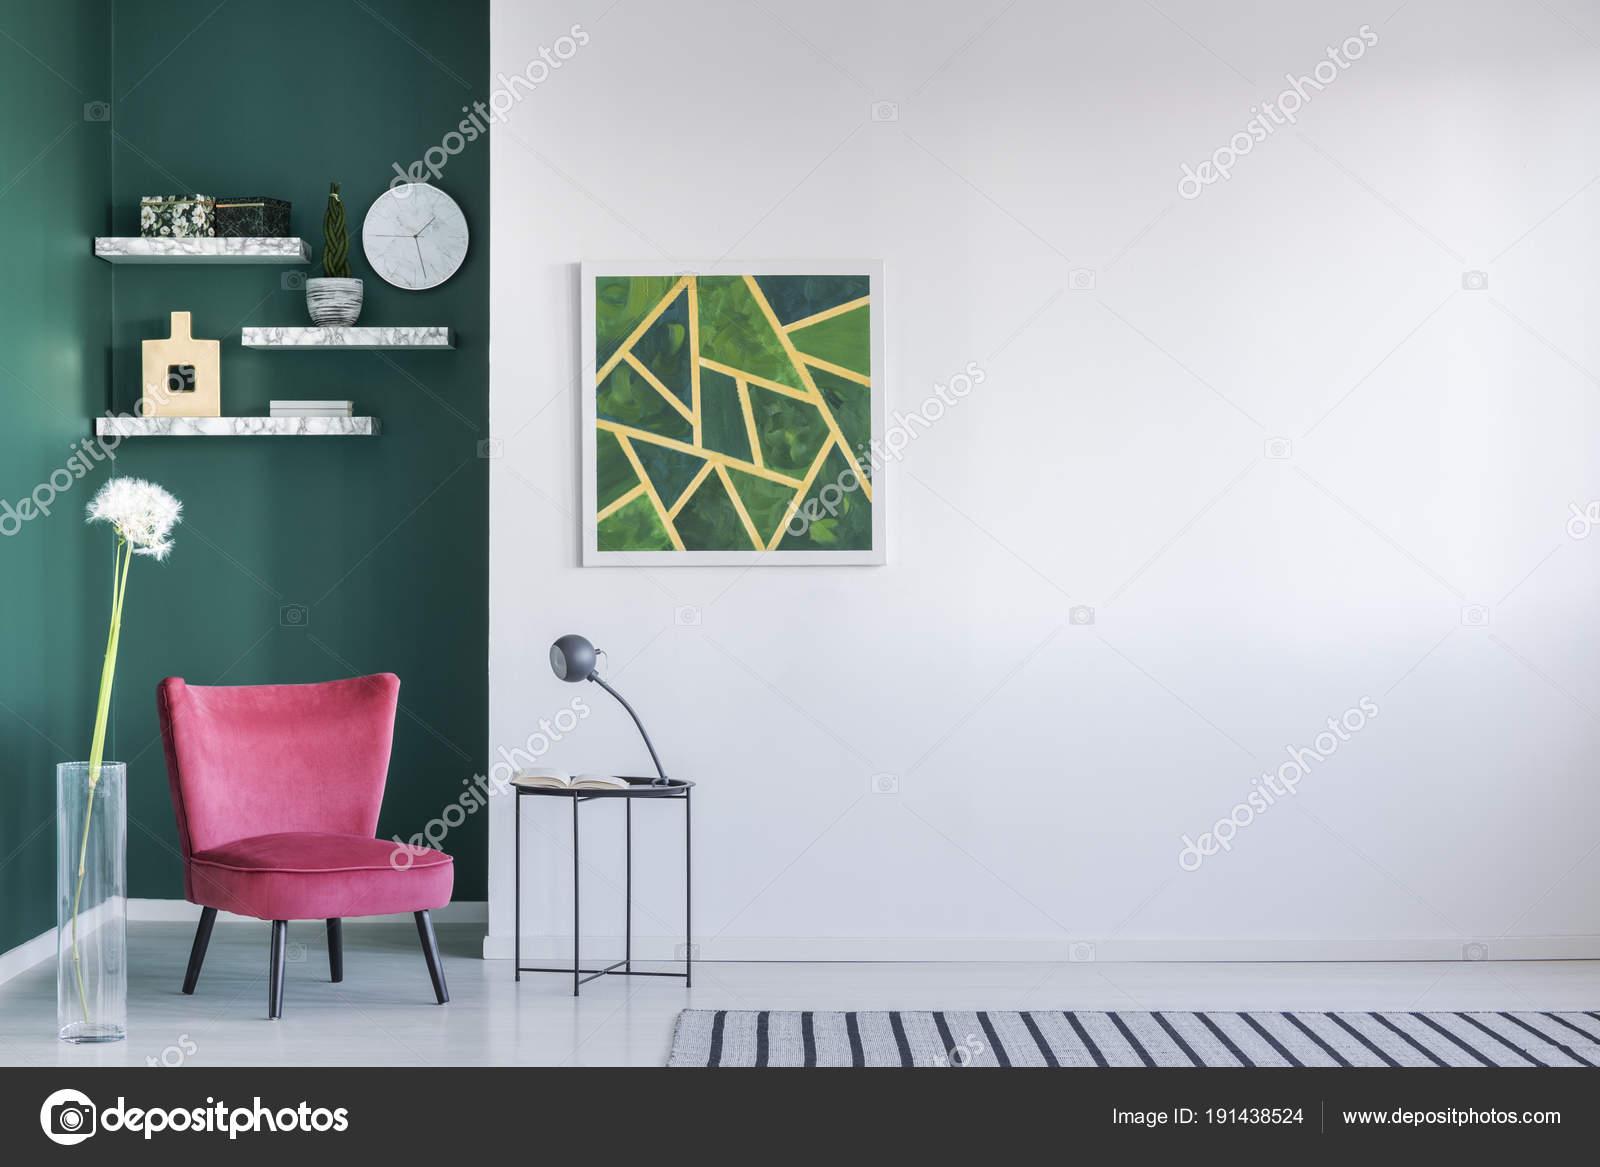 Grüne Wand Im Wohnzimmer Interieur Mit Rosa Sessel, Malerei, Couchtisch Und  Gestreiften Teppich U2014 Foto Von Photographee.eu